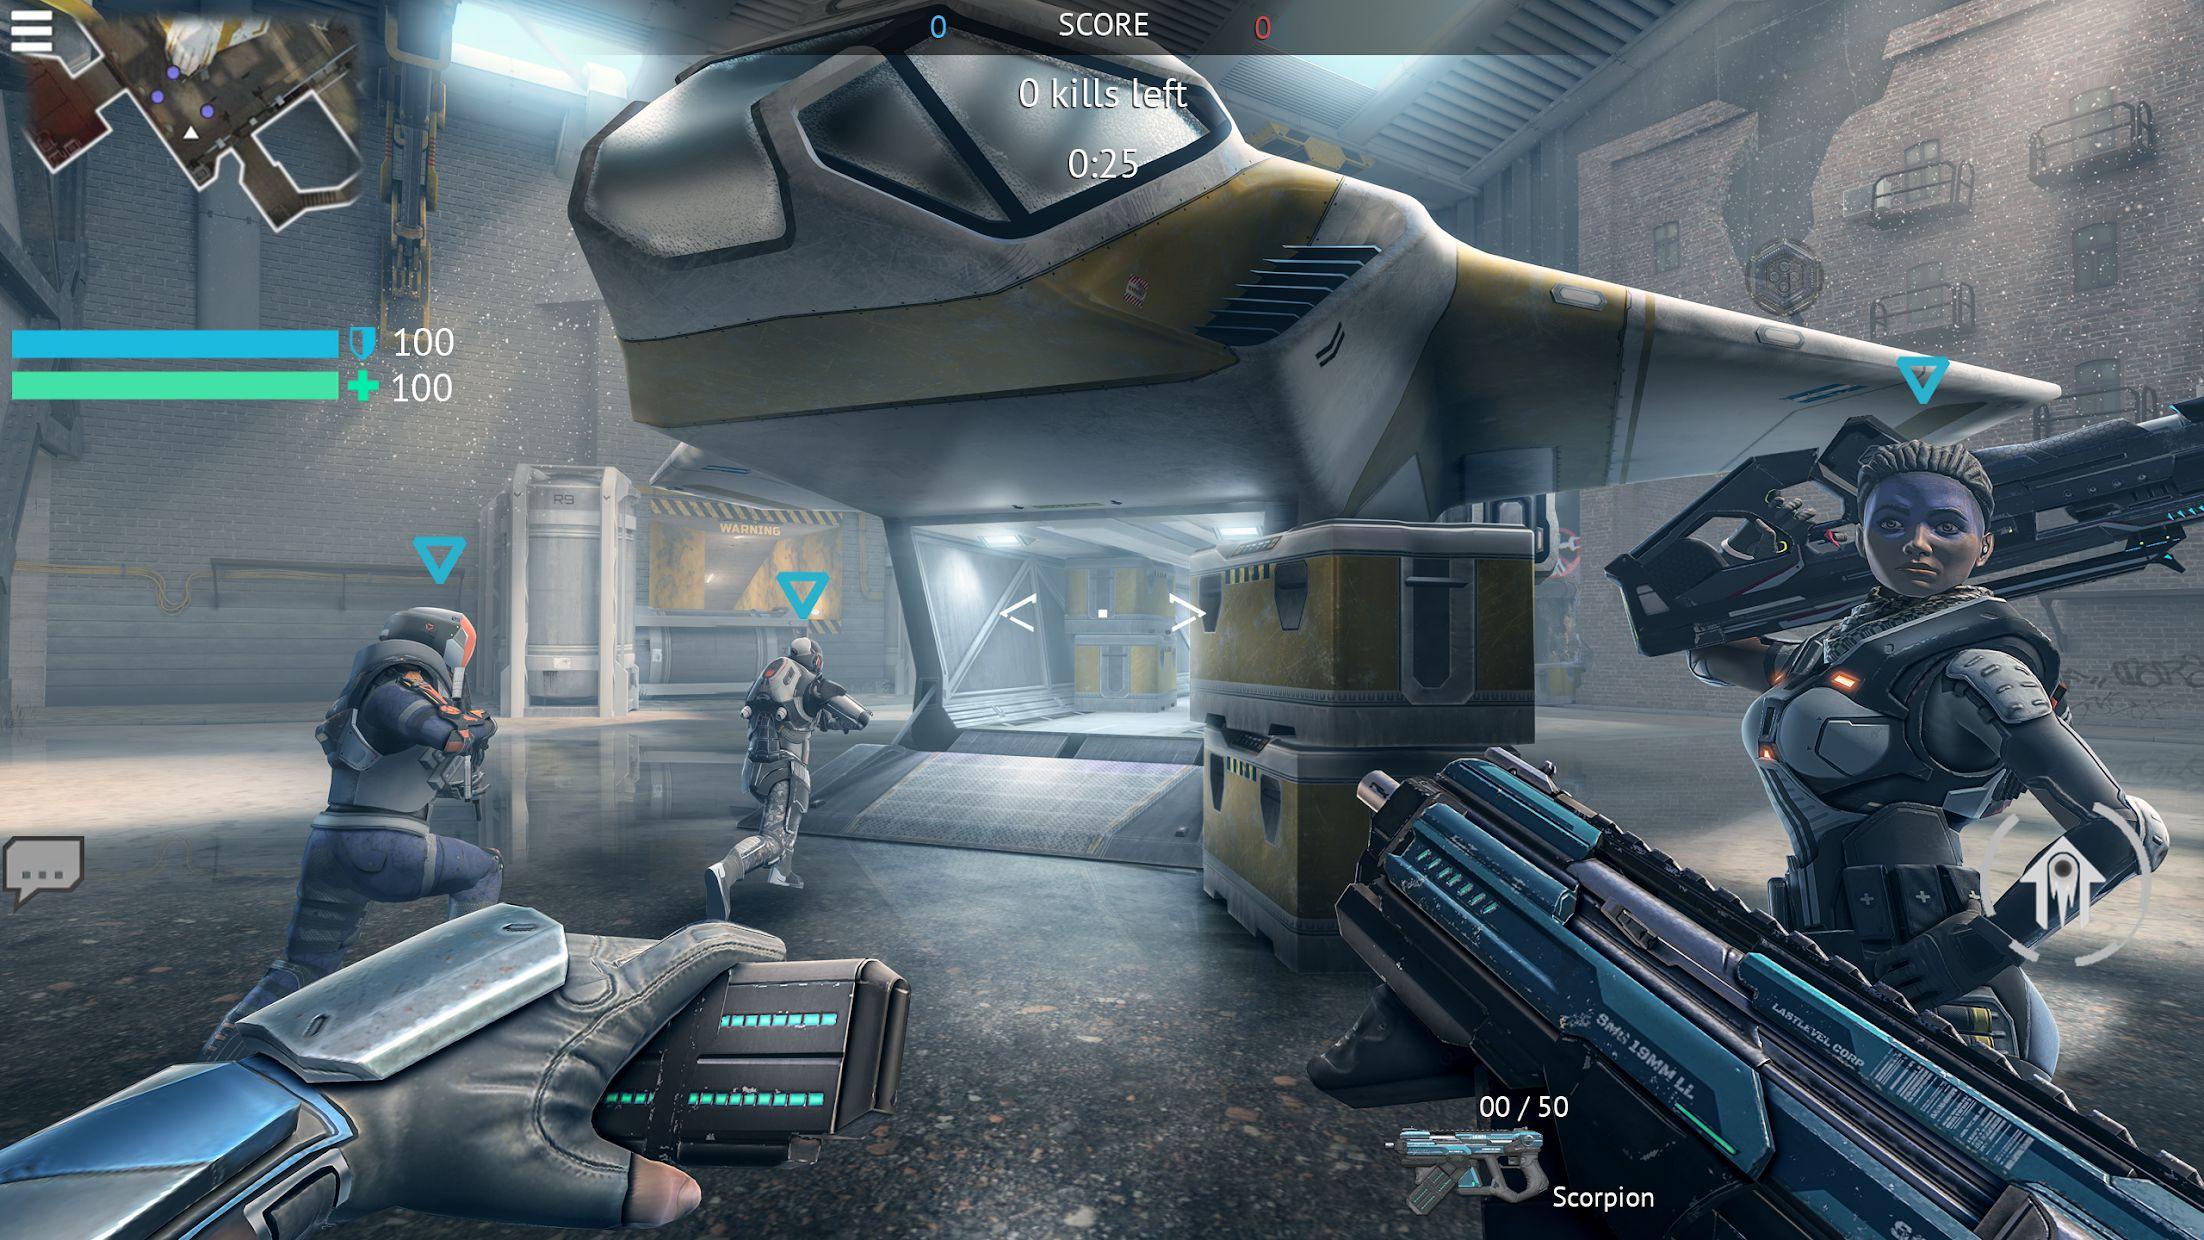 无尽行动:未来 游戏截图2